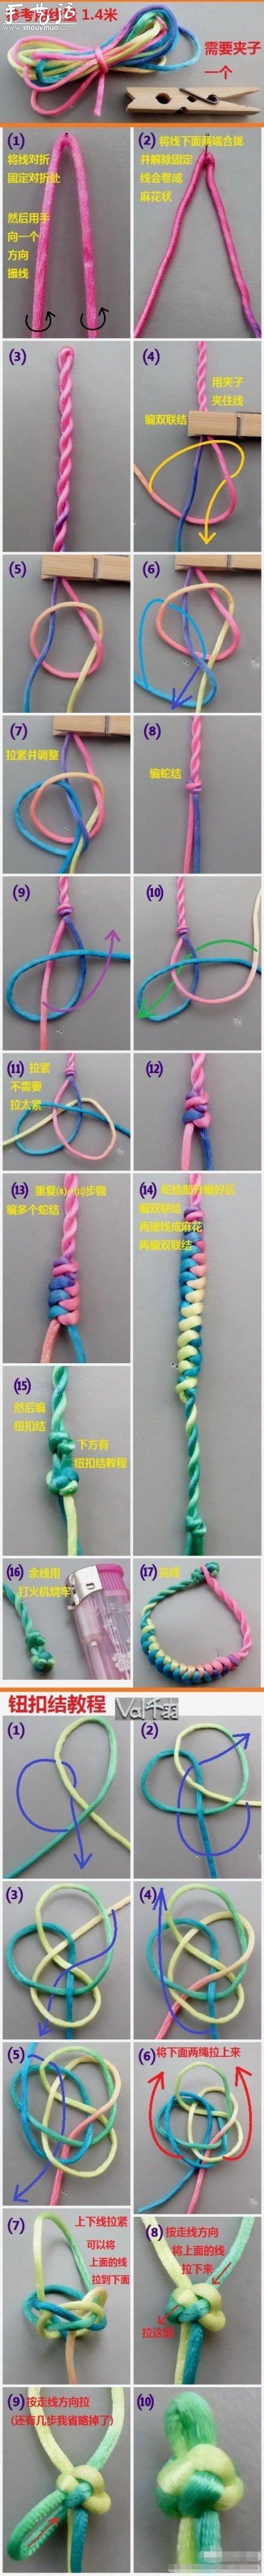 漂亮蛇紋手鏈的編織方法圖解教程